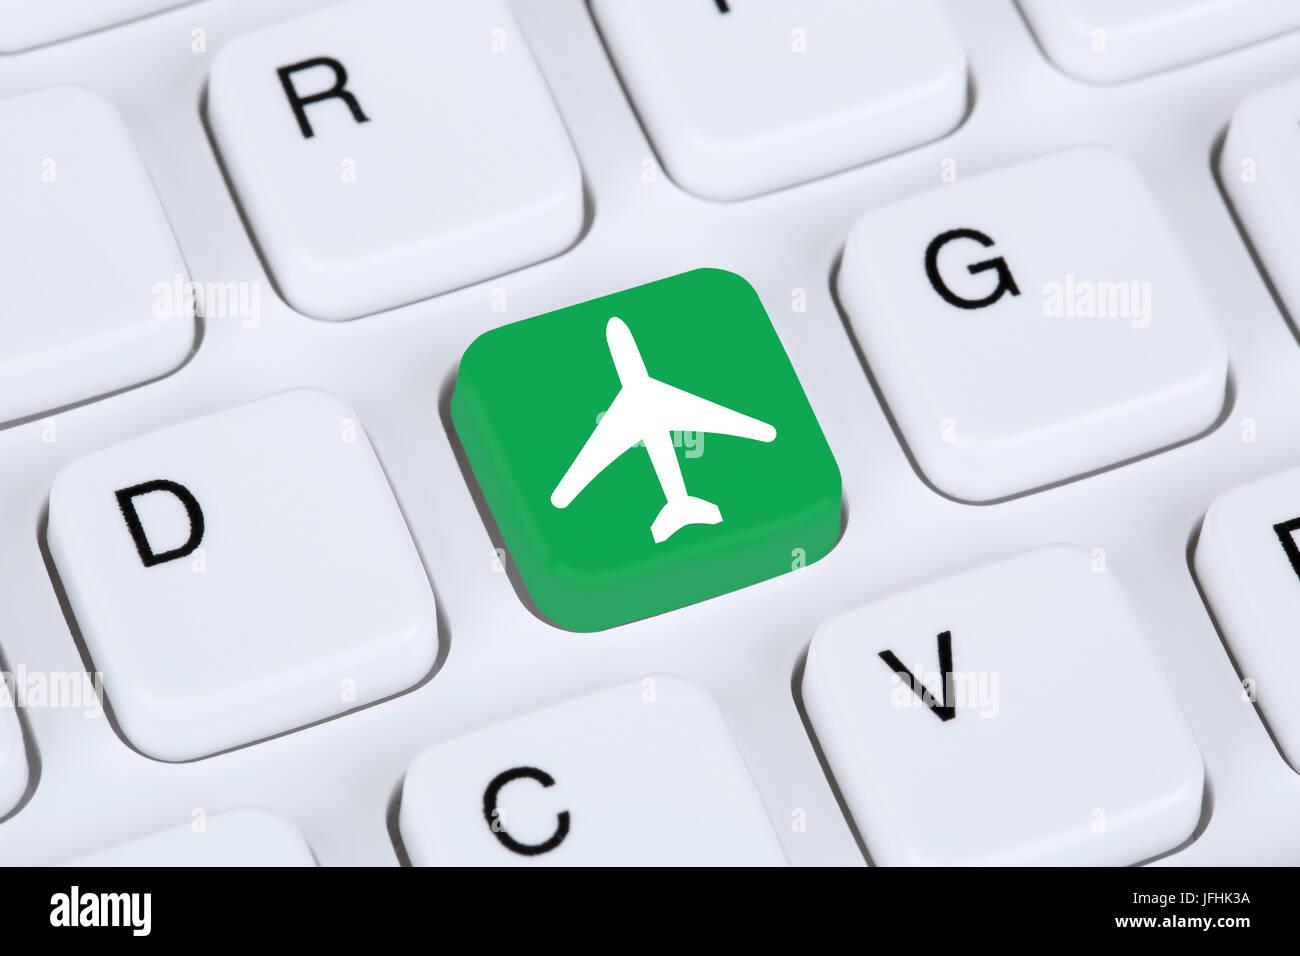 Reisen und Urlaub online buchen Shopping E-Commerce einkaufen im Internet - Stock Image